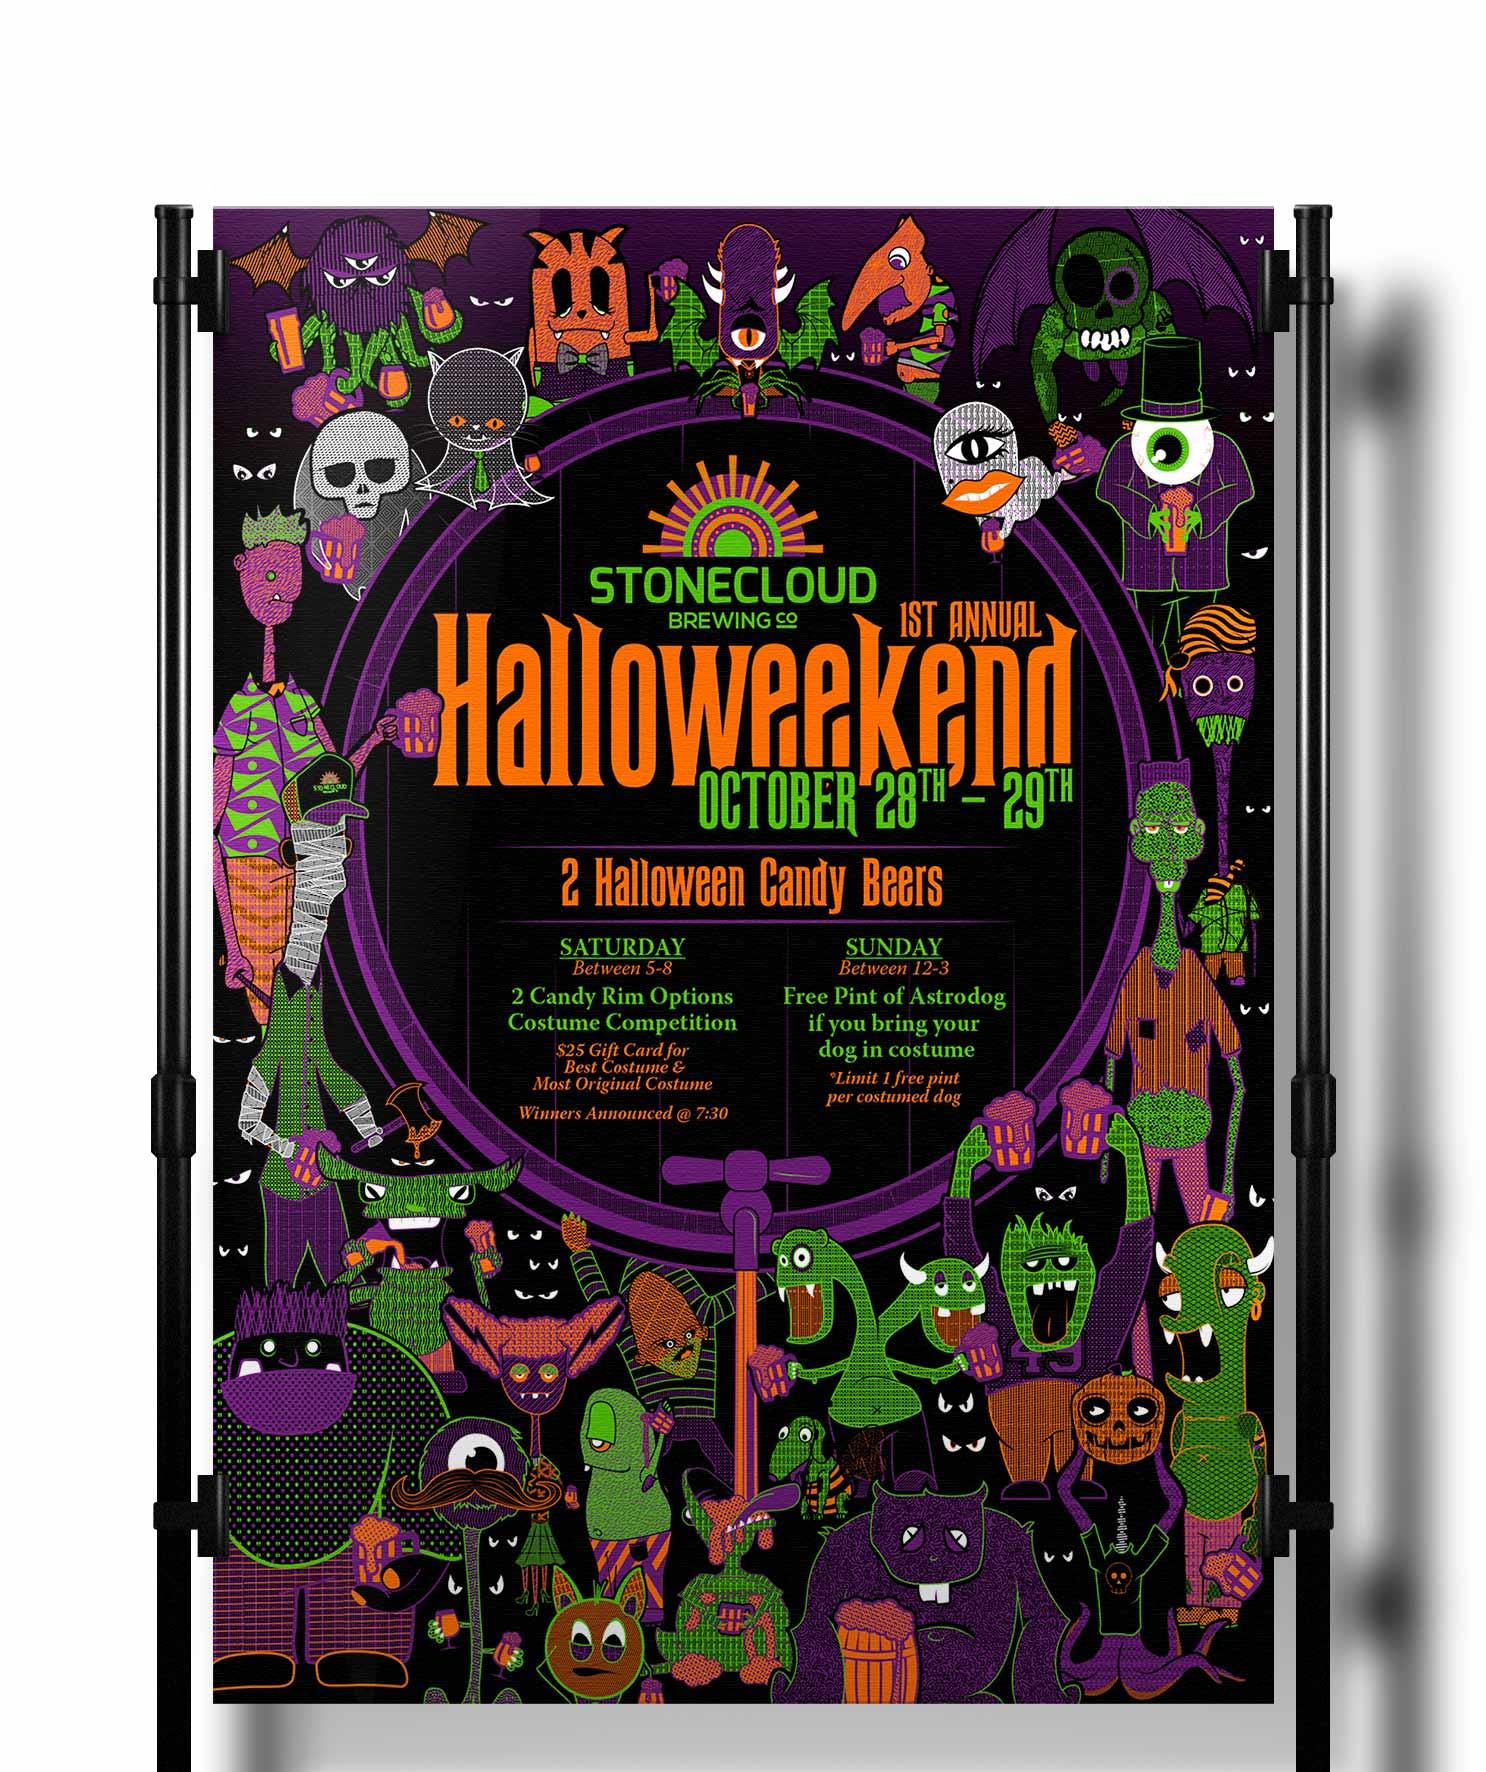 Stonecloud Halloween Poster